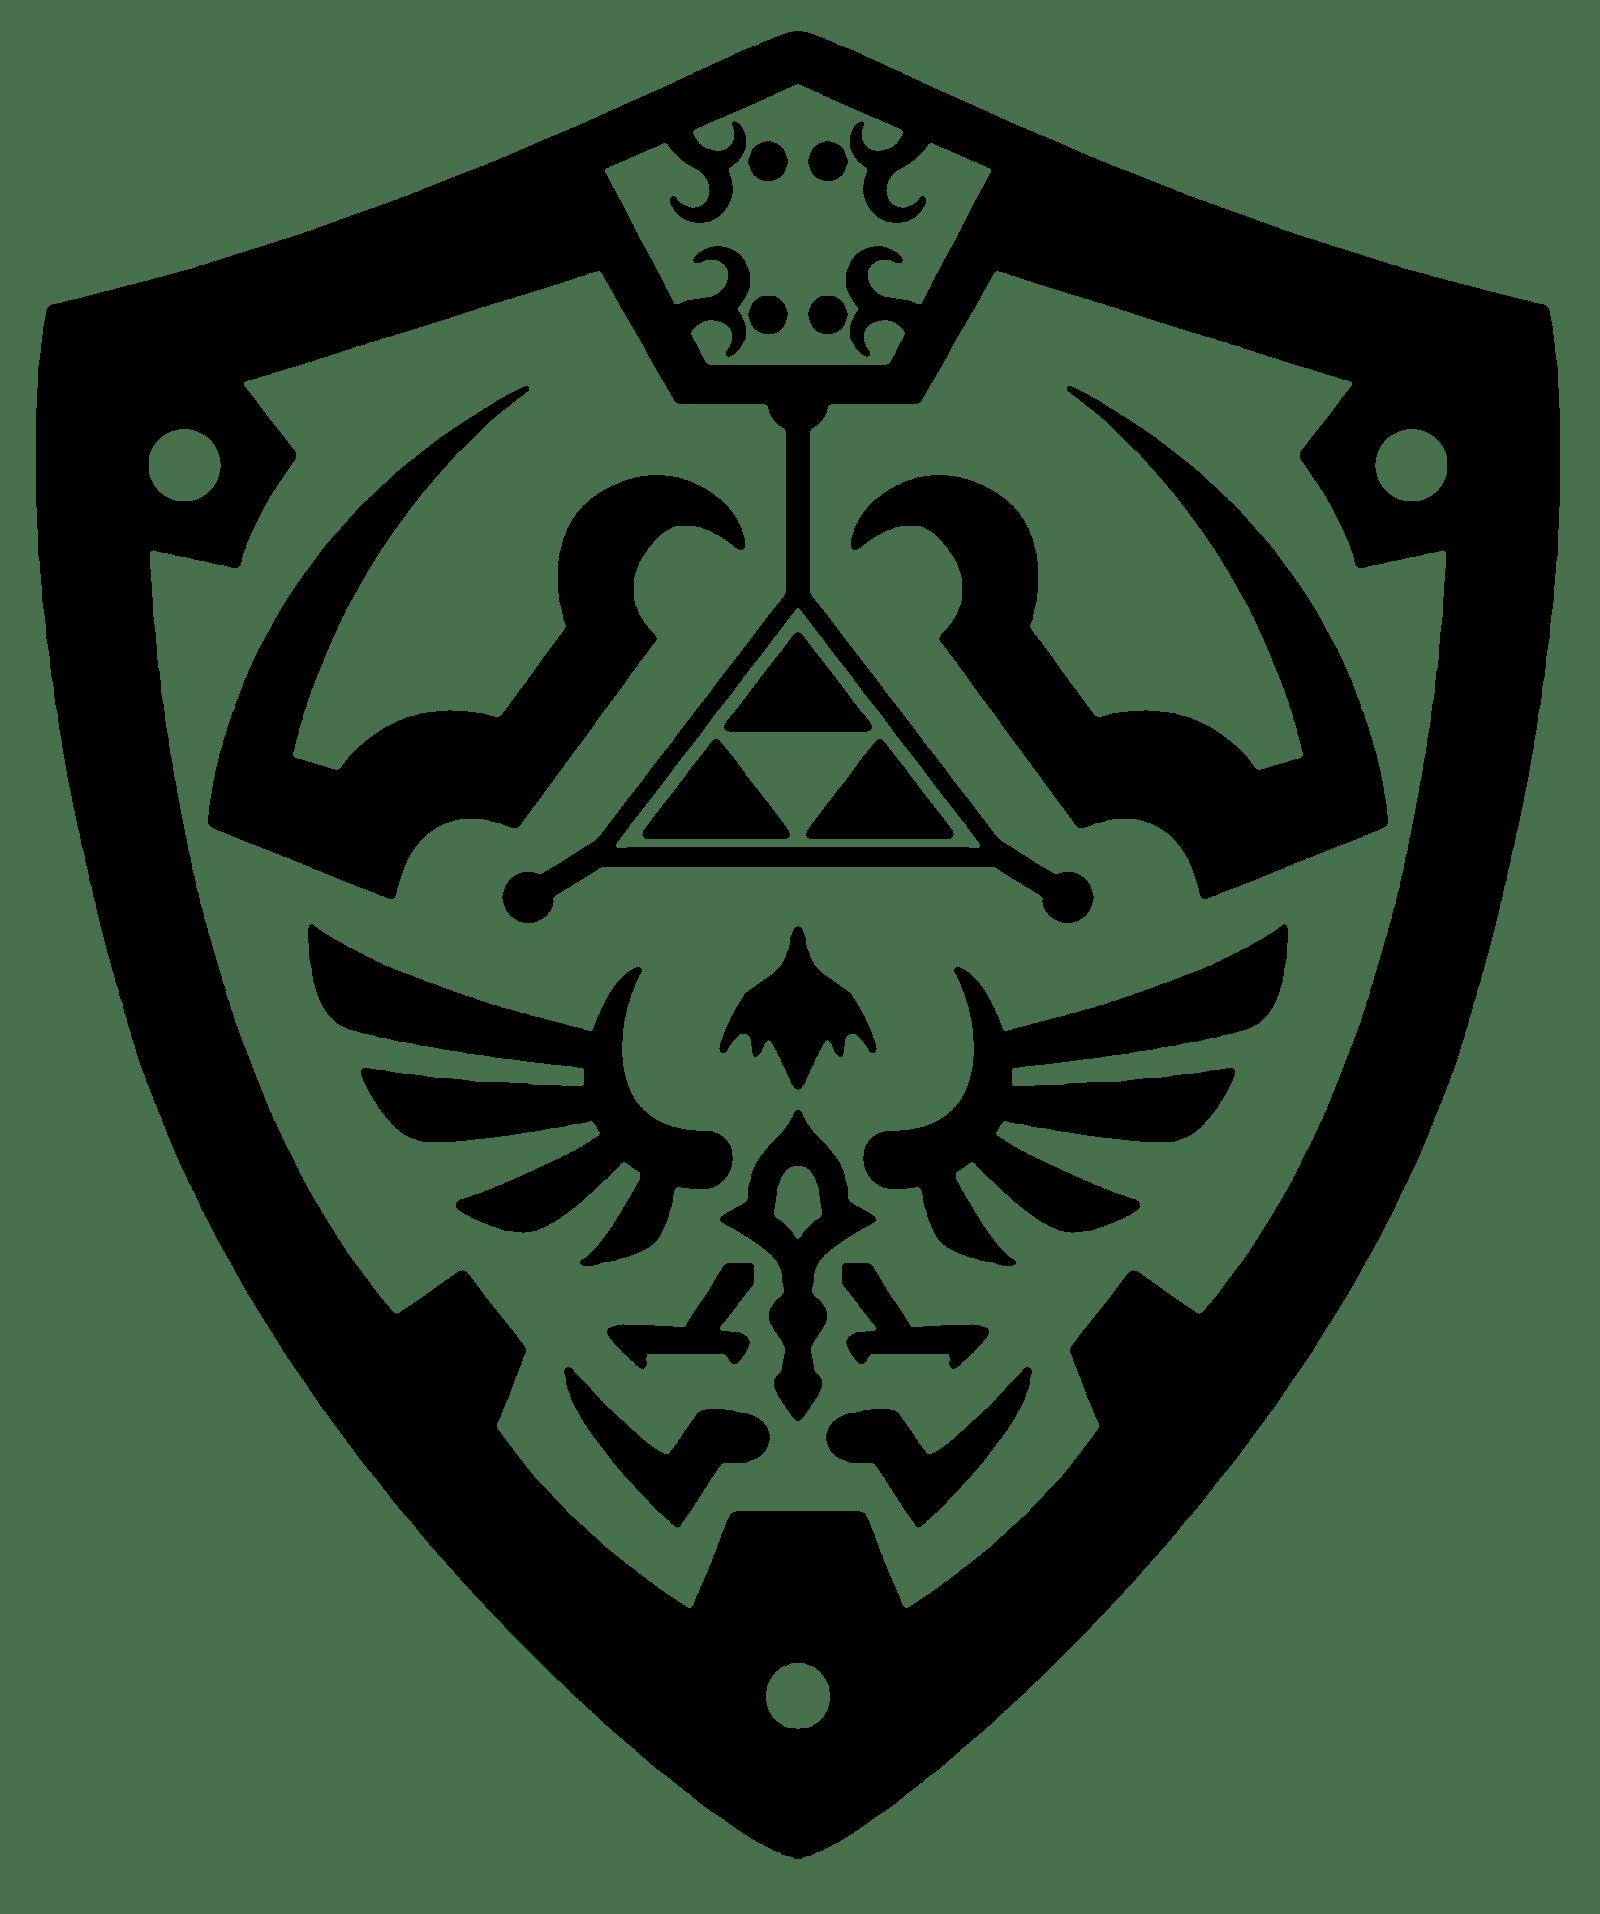 DCP Insider - Tout savoir sur le choix de notre nouveau logo 1